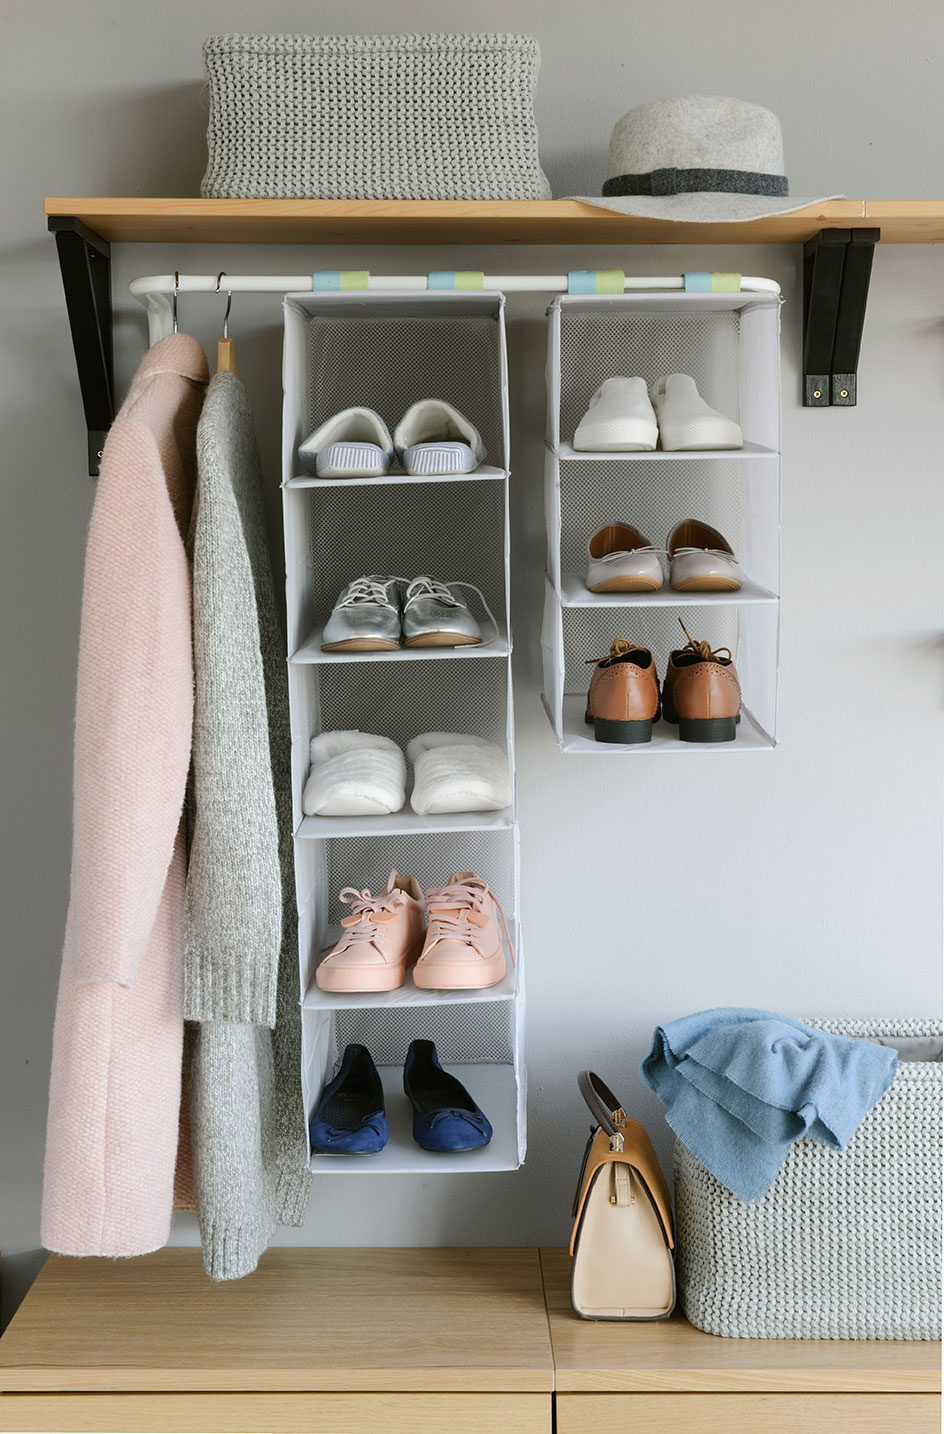 Aprende a guardar bien tus zapatos